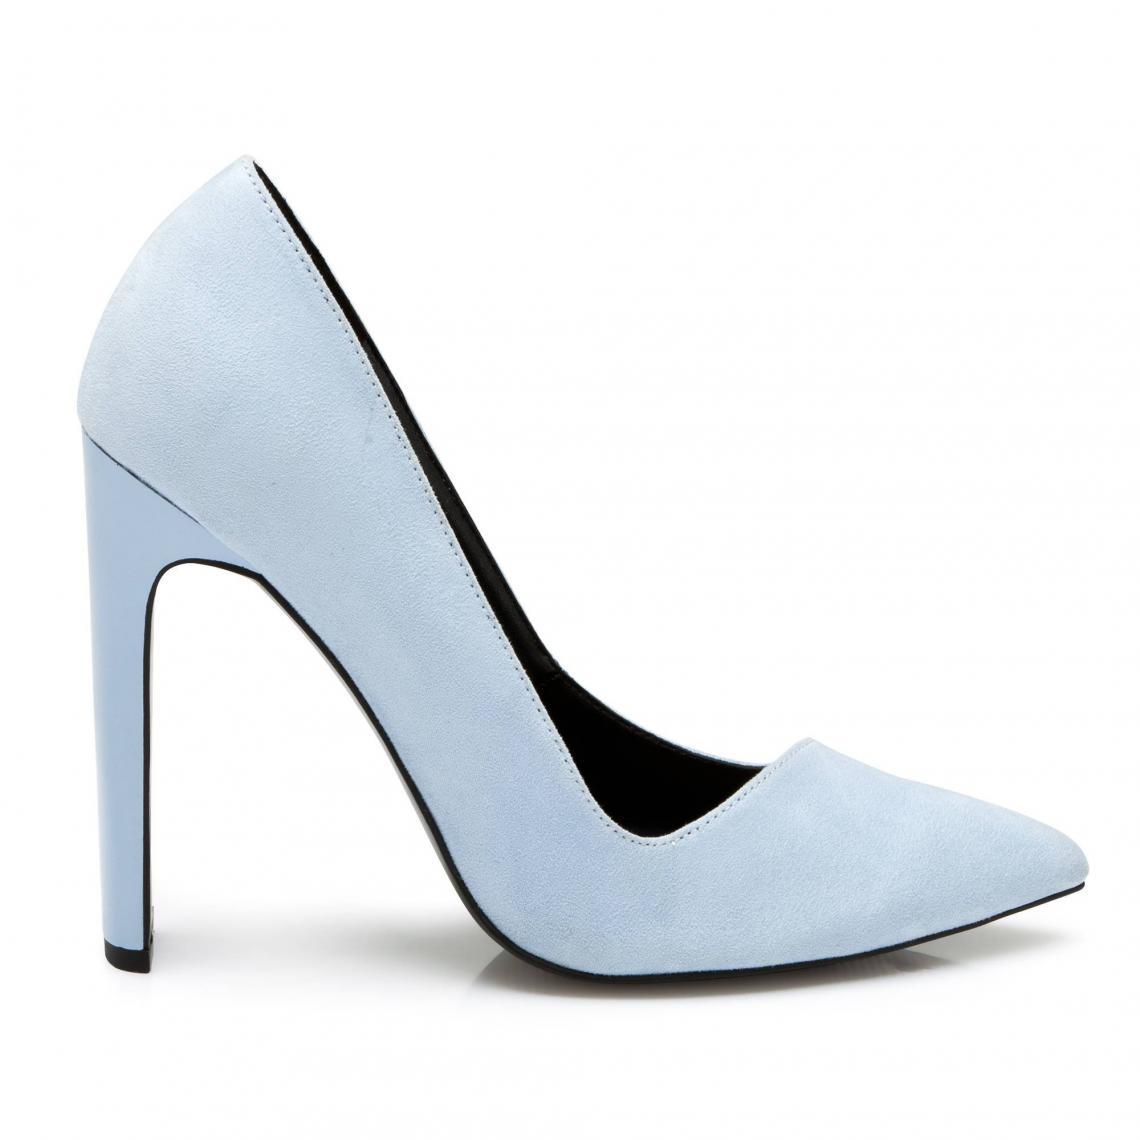 854b43932b9 Escarpins à talon droit asymétrique femme - Bleu 3 SUISSES Collection Femme